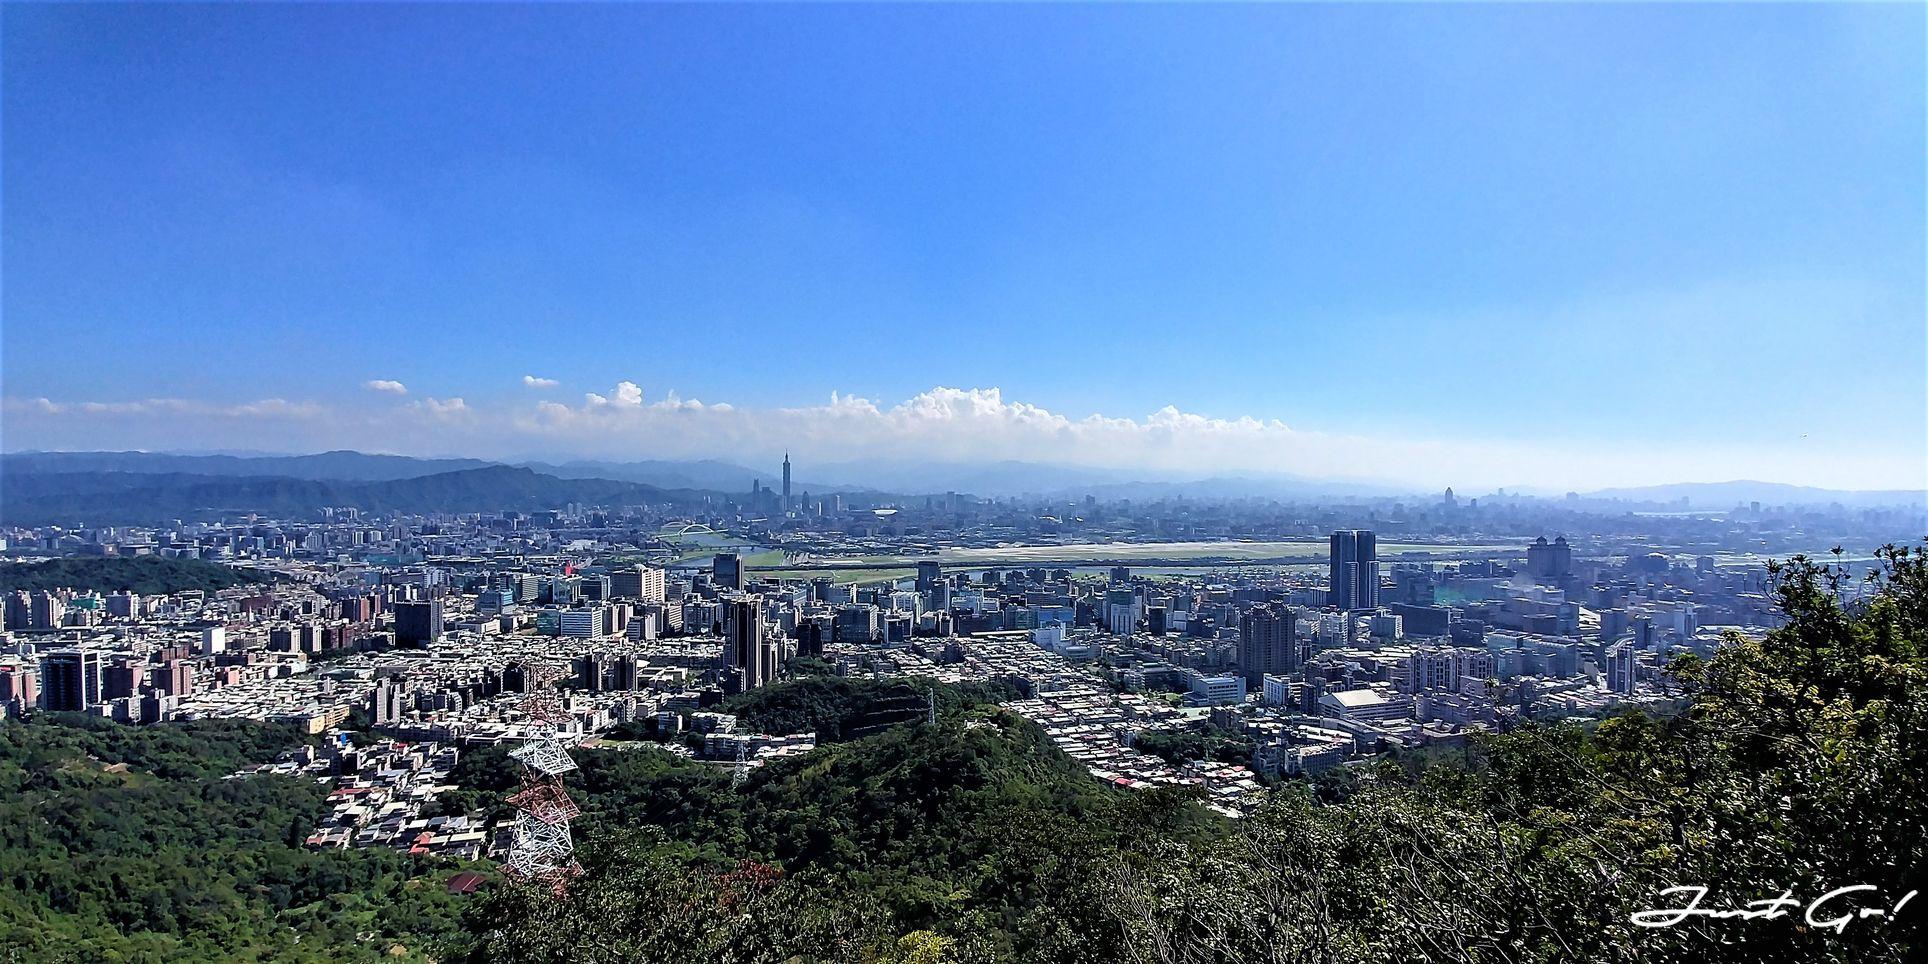 台北近郊·6條登山入門款路線推薦-交通方式、登山口、路徑規劃2